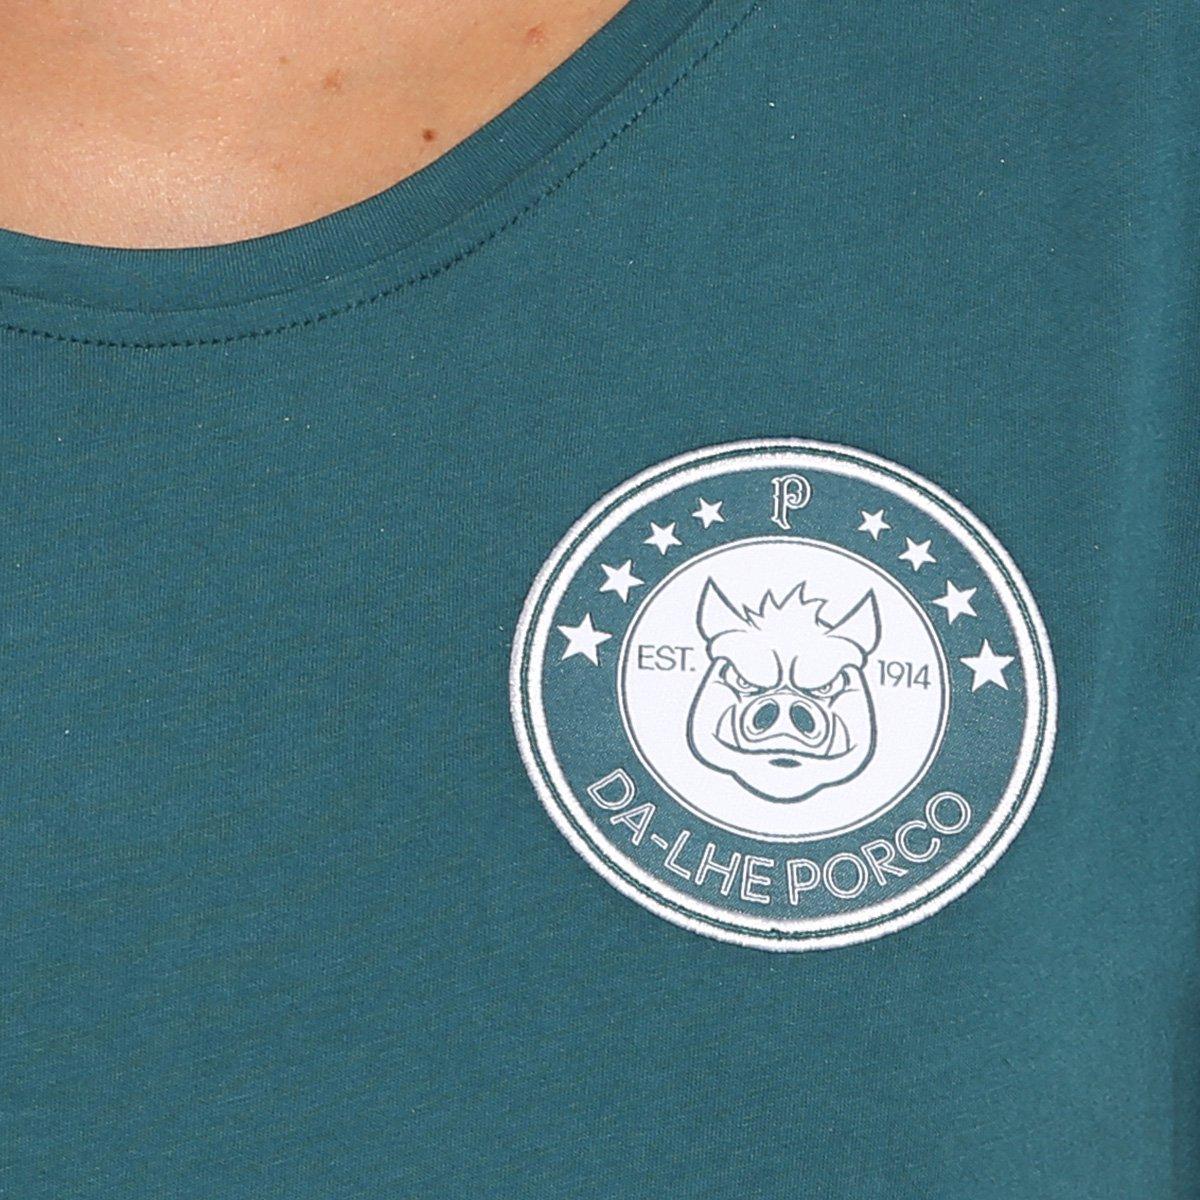 Verde 3Stripes Camiseta Palmeiras Palmeiras Feminina Camiseta Adidas 4xq0xwpYT